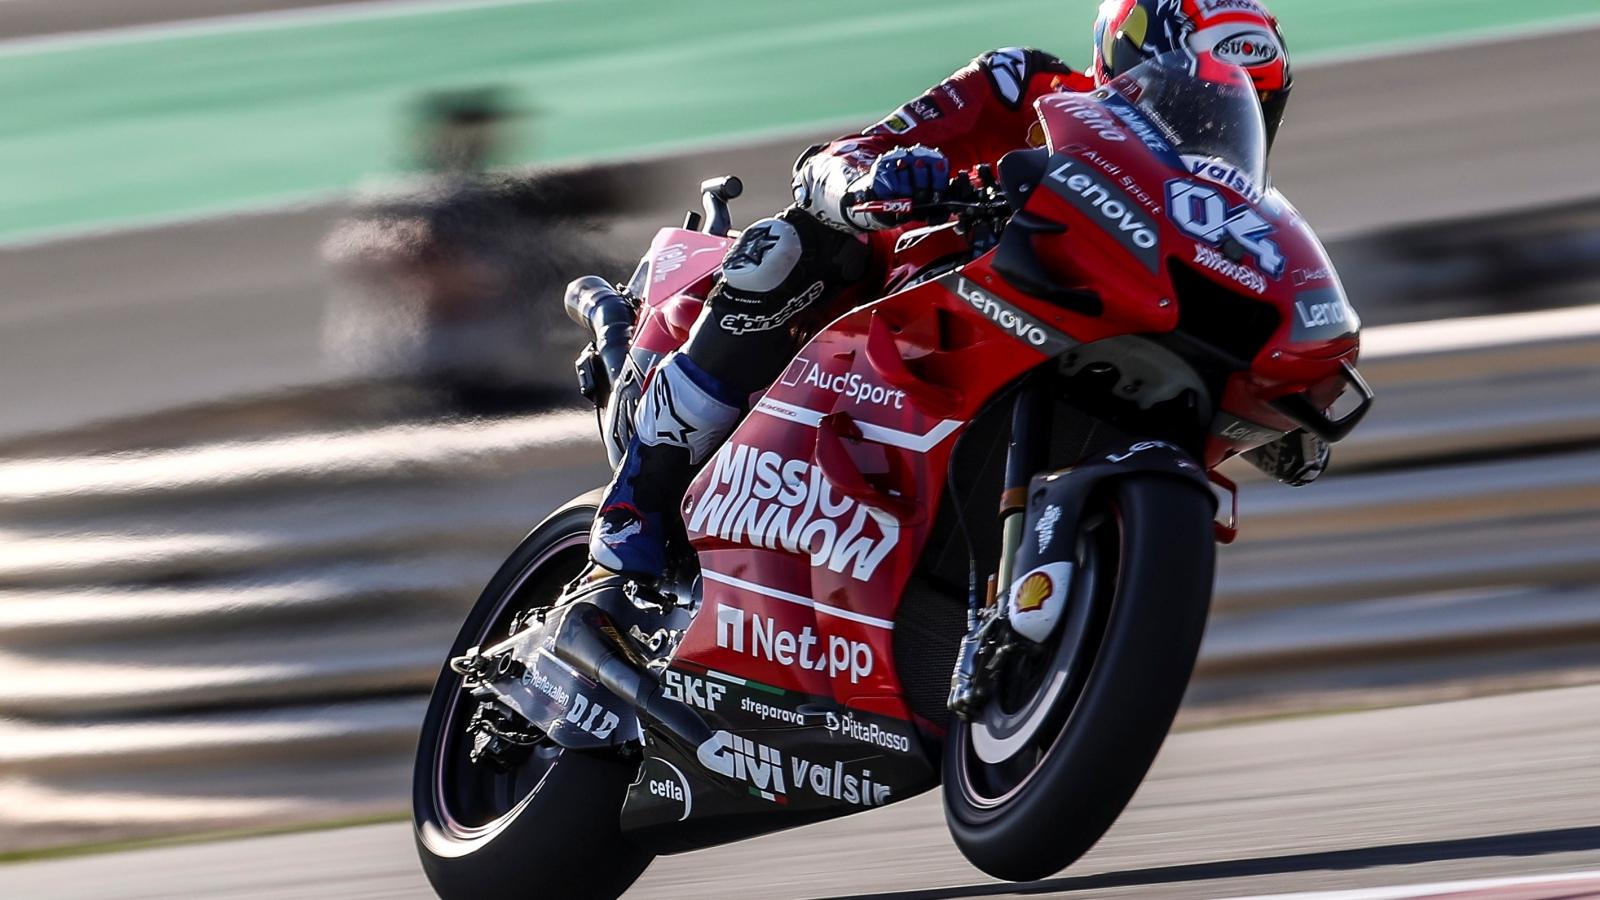 Andrea Dovizioso lidera los libres de MotoGP en Argentina pero Marc Márquez es favorito